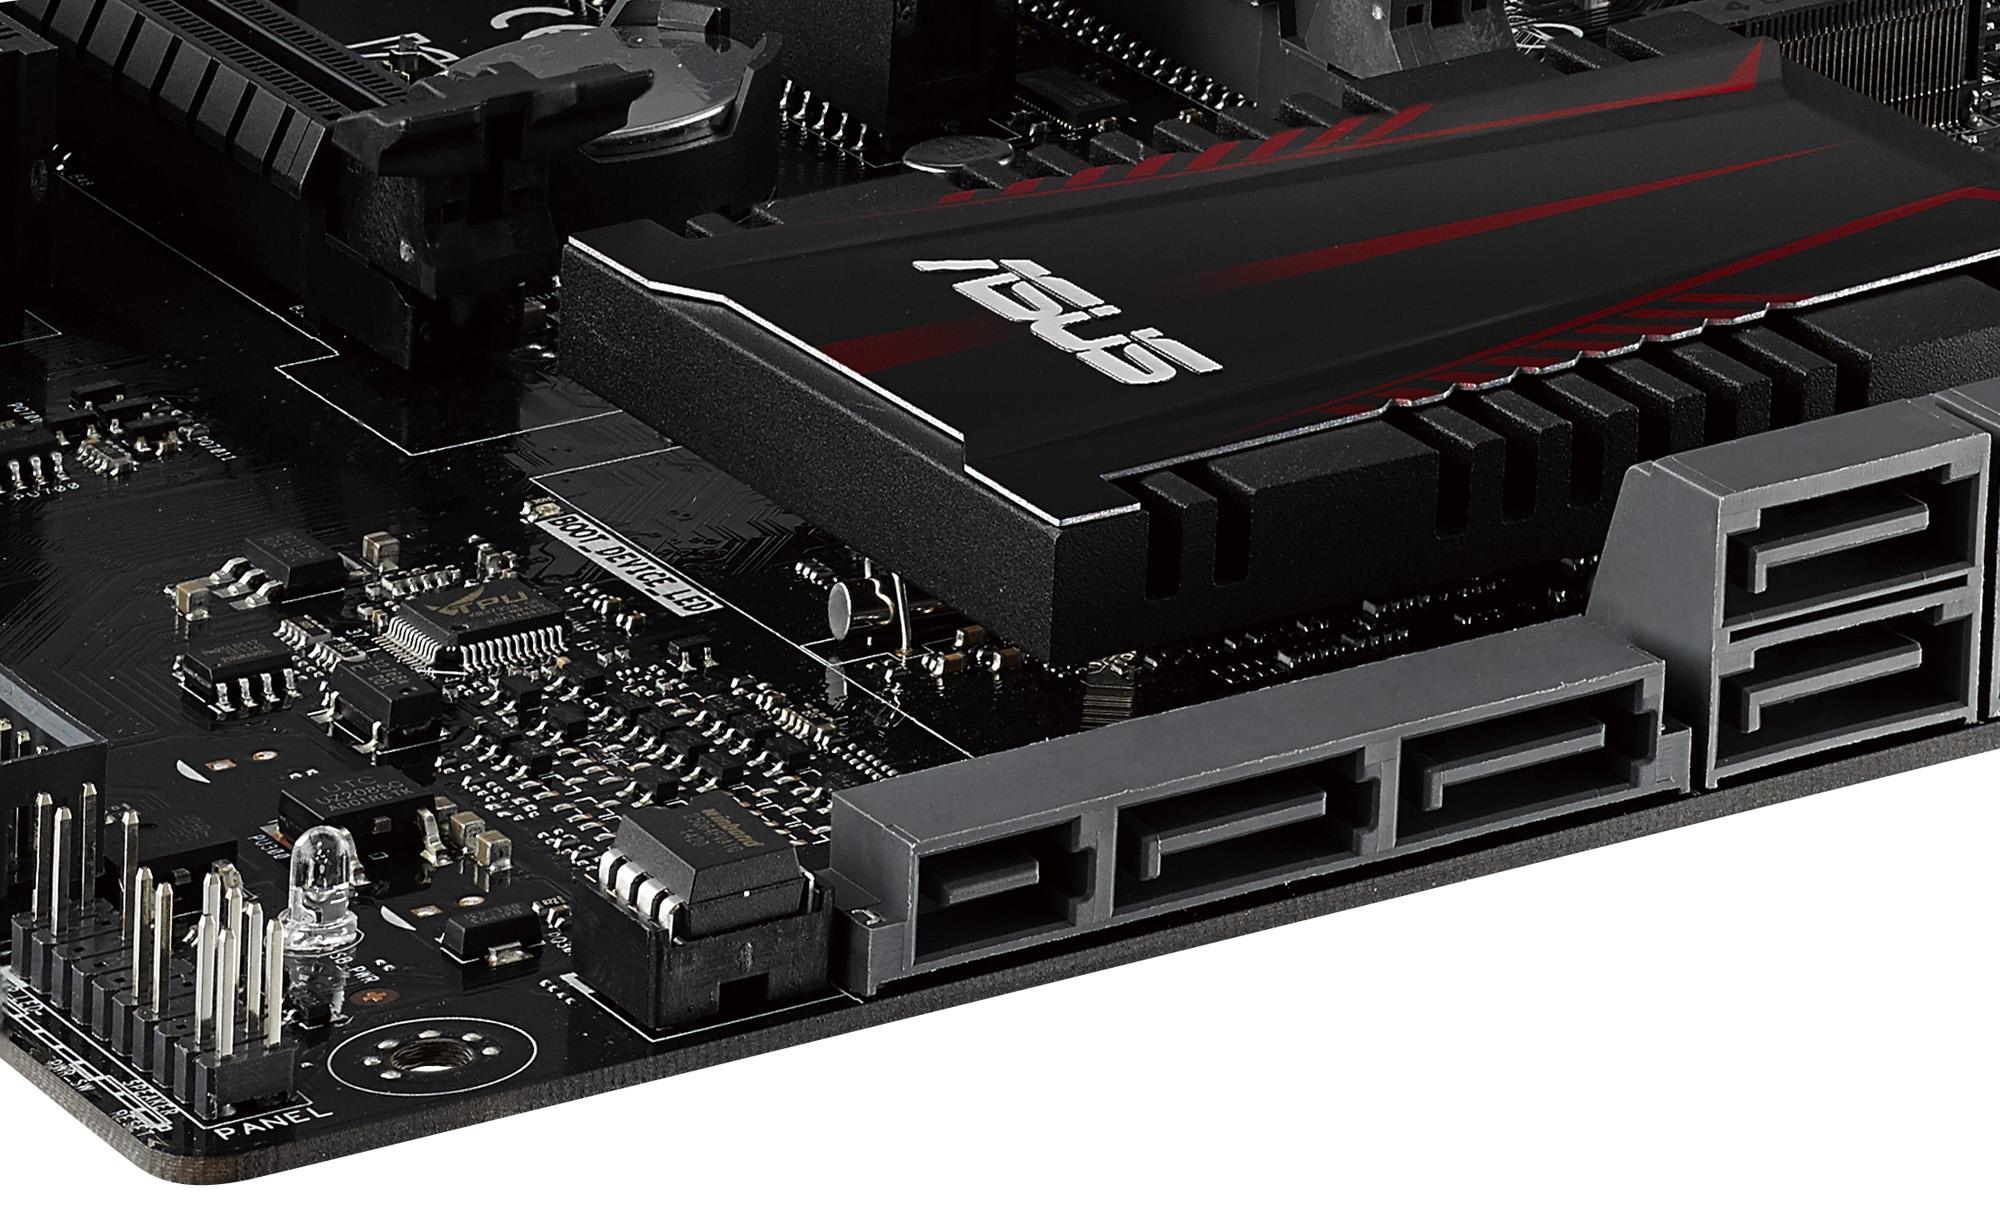 Z97-Pro-Gamer-7